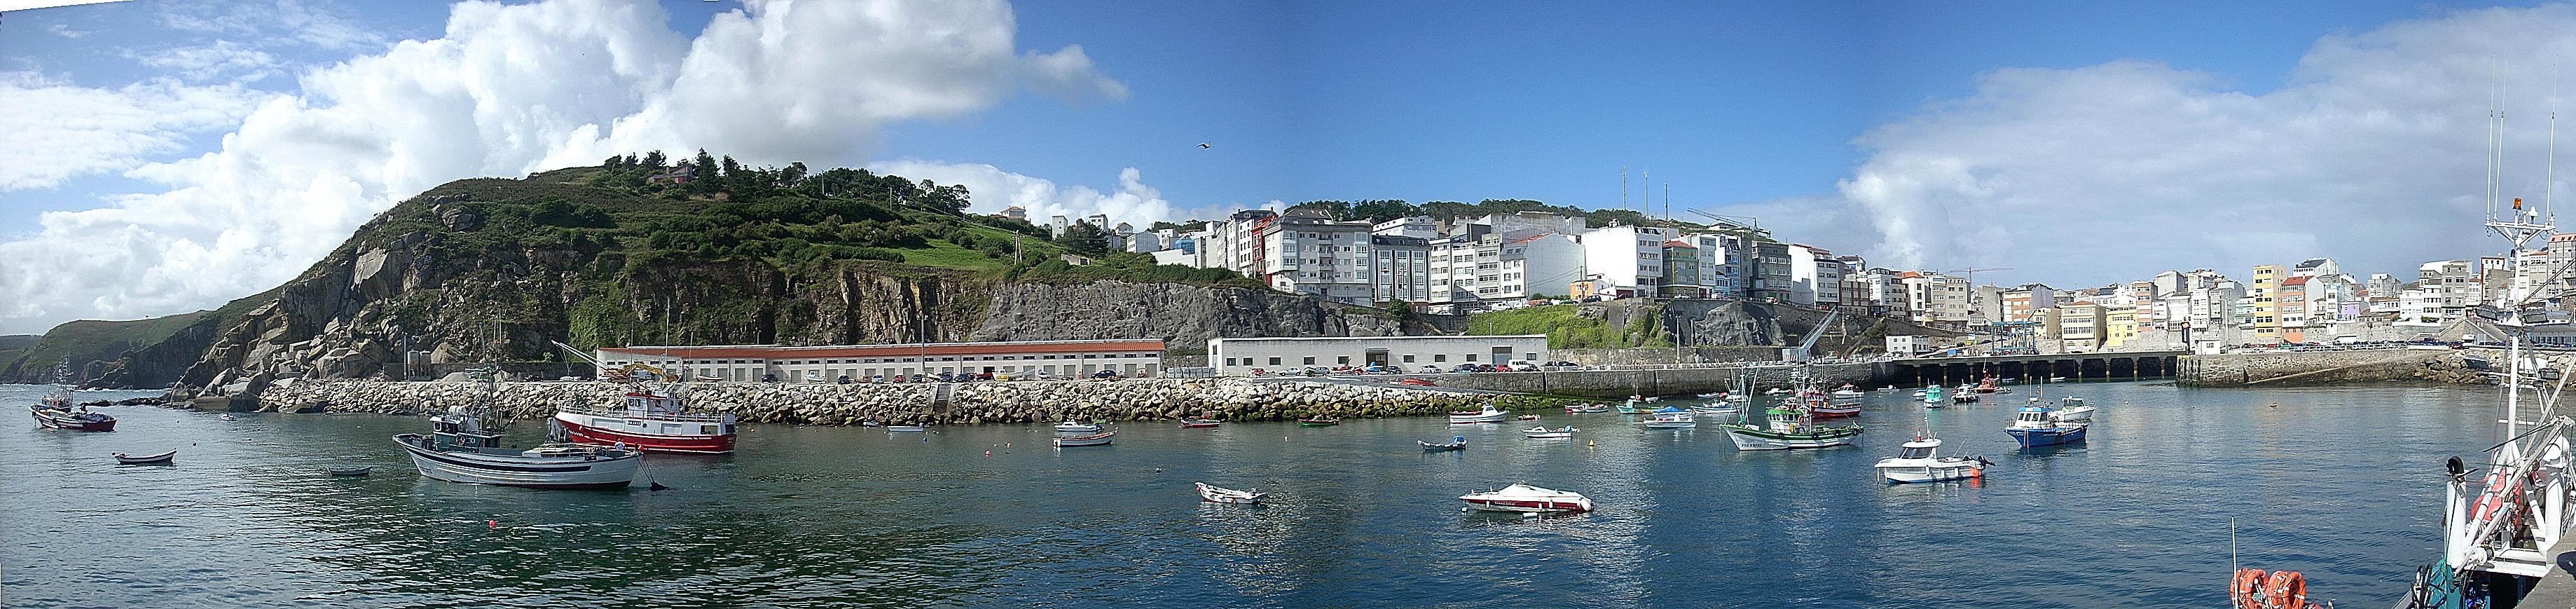 Panoramica de Malpica, A Coruña